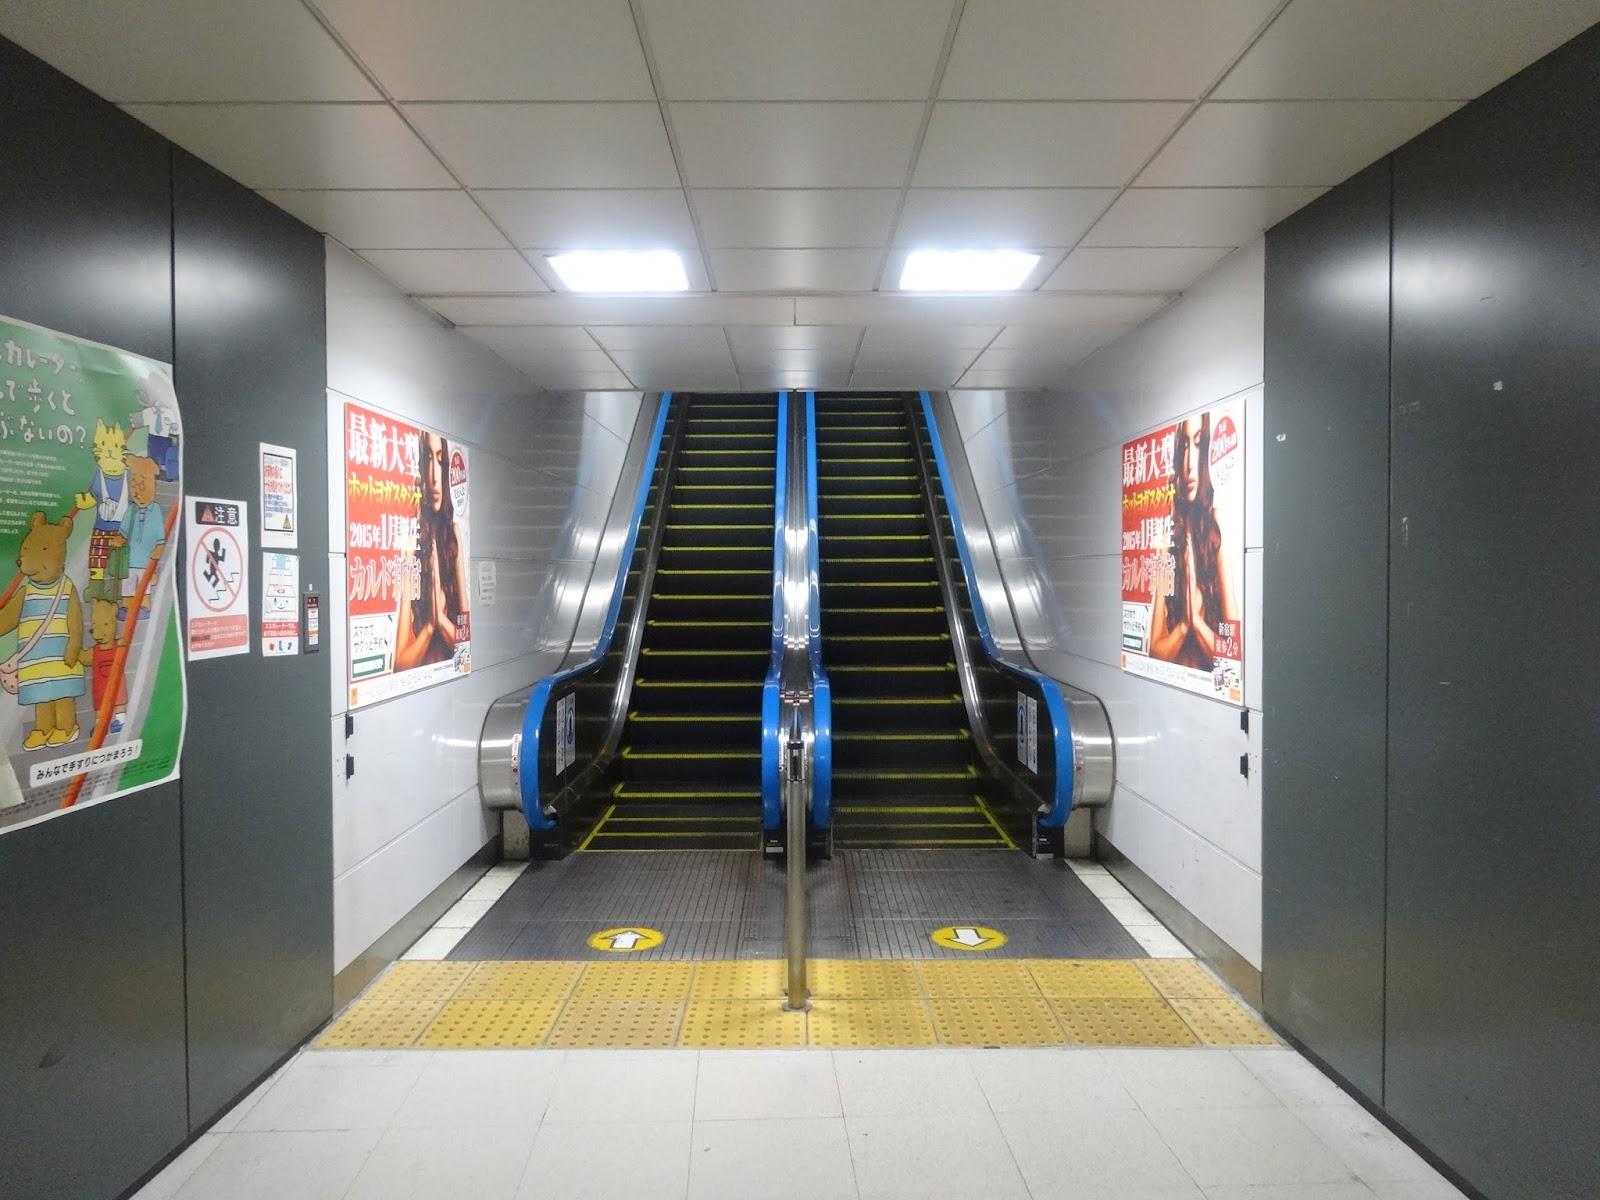 エスカレーター,新宿駅〈著作権フリー画像〉Free Stock Photos